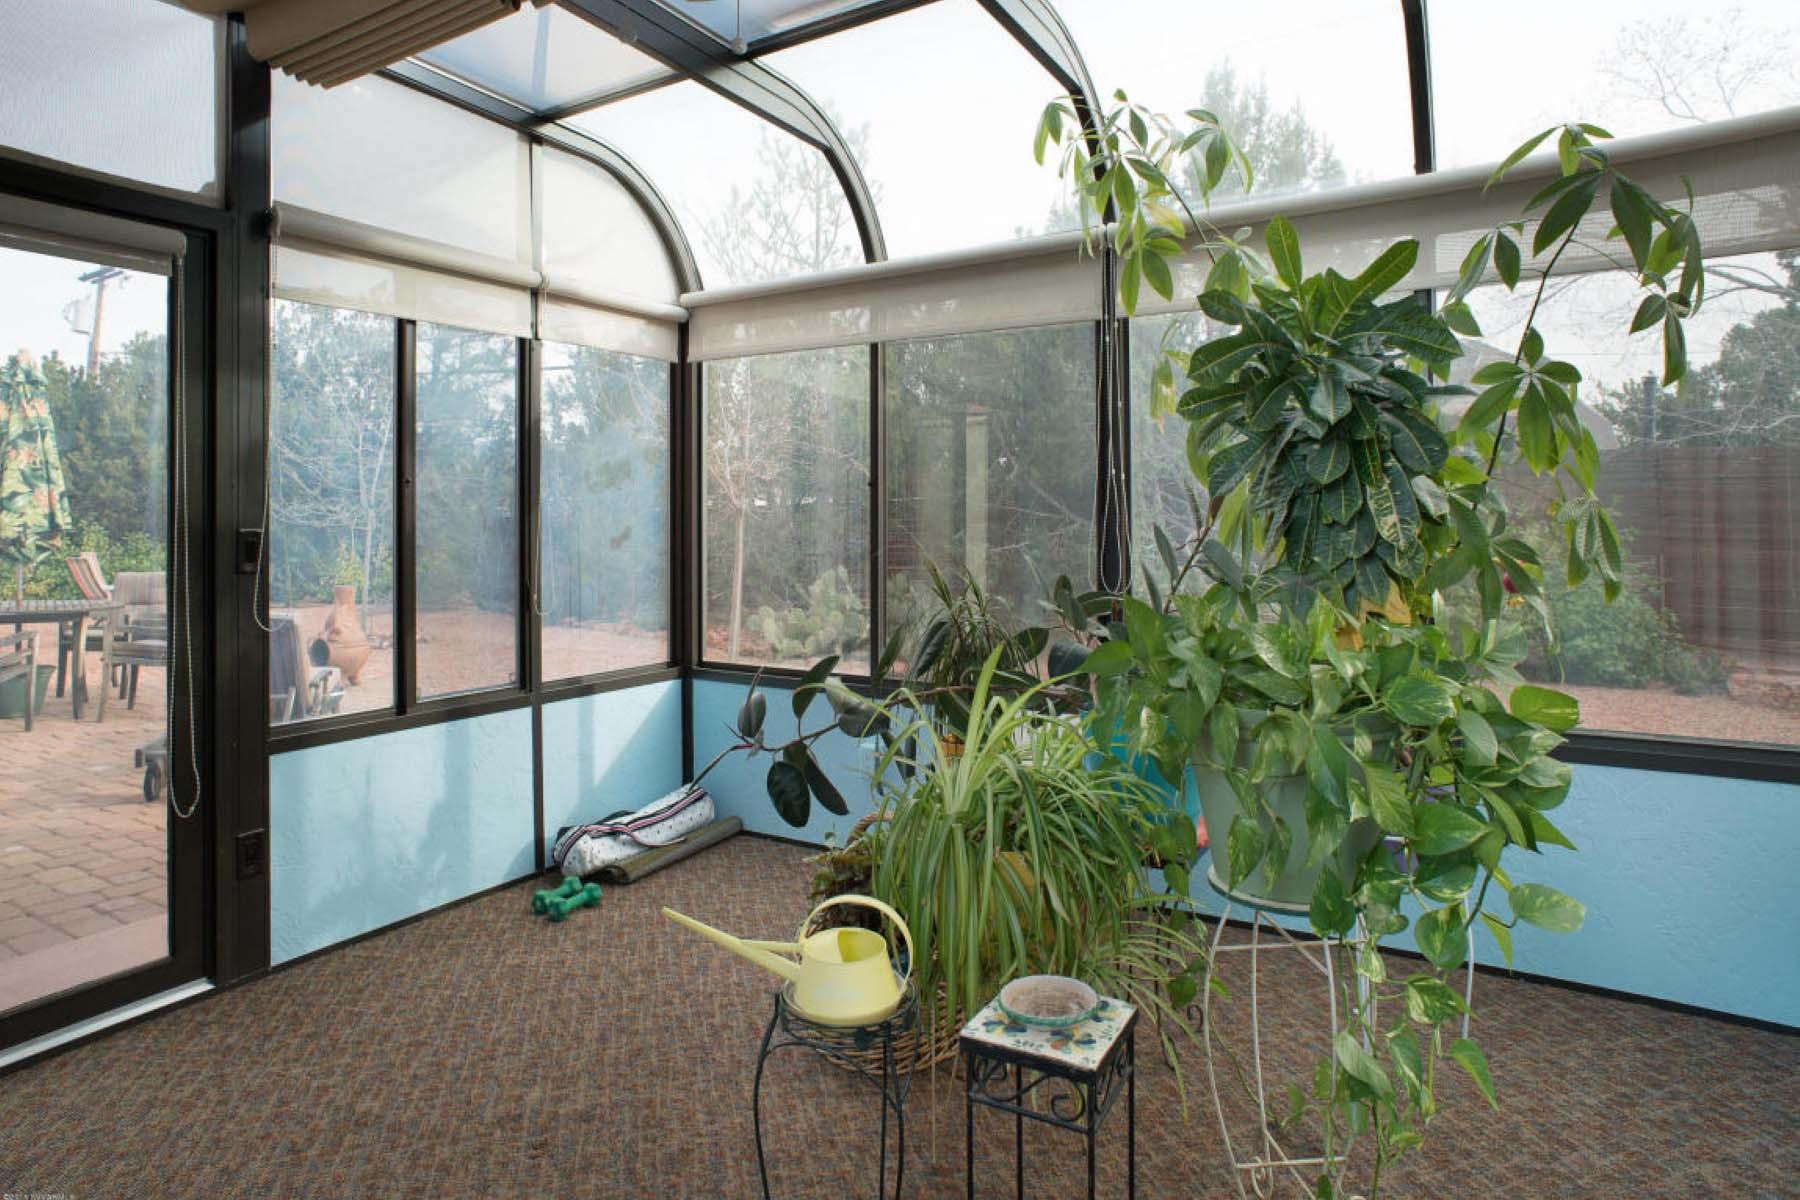 Частный односемейный дом для того Продажа на Find your peace in this quiet contemporary southwestern style home. 35 Stations West Sedona, Аризона 86336 Соединенные Штаты